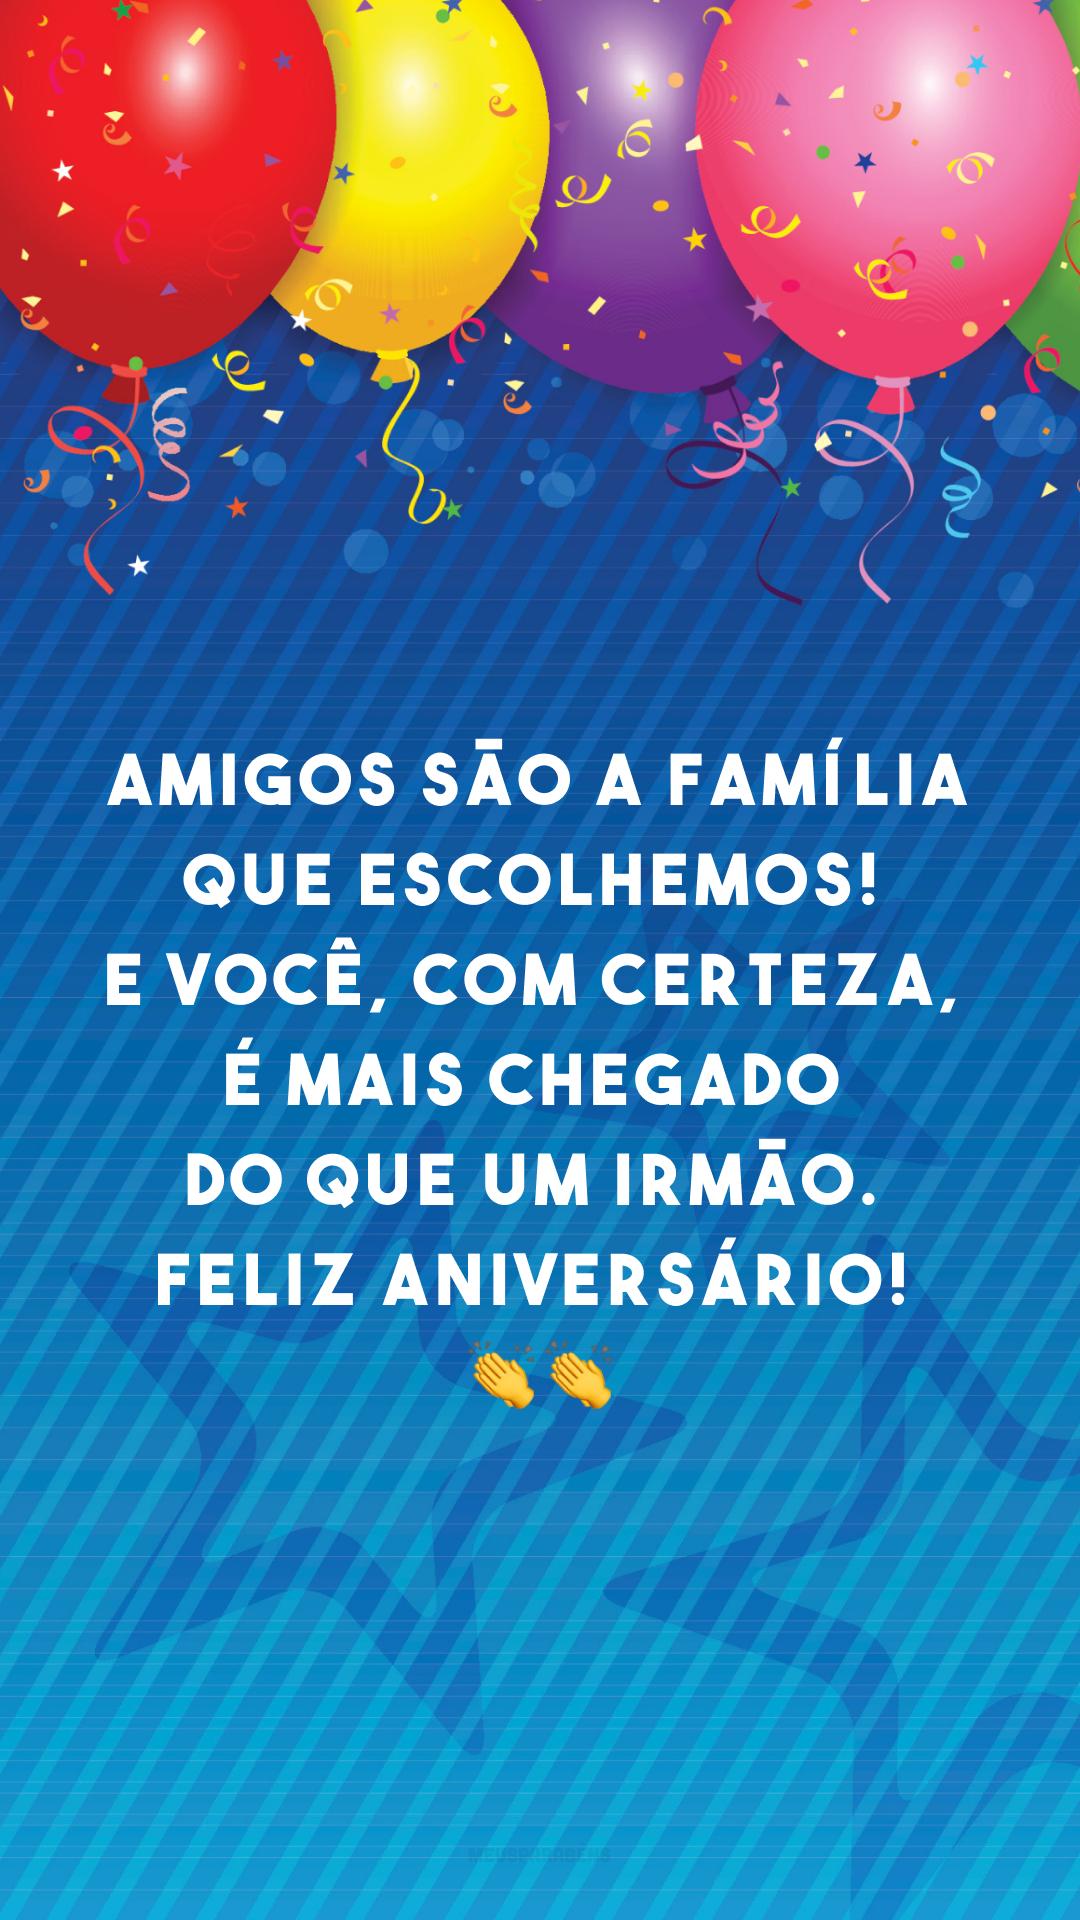 Amigos são a família que escolhemos! E você, com certeza, é mais chegado do que um irmão. Feliz aniversário! 👏👏